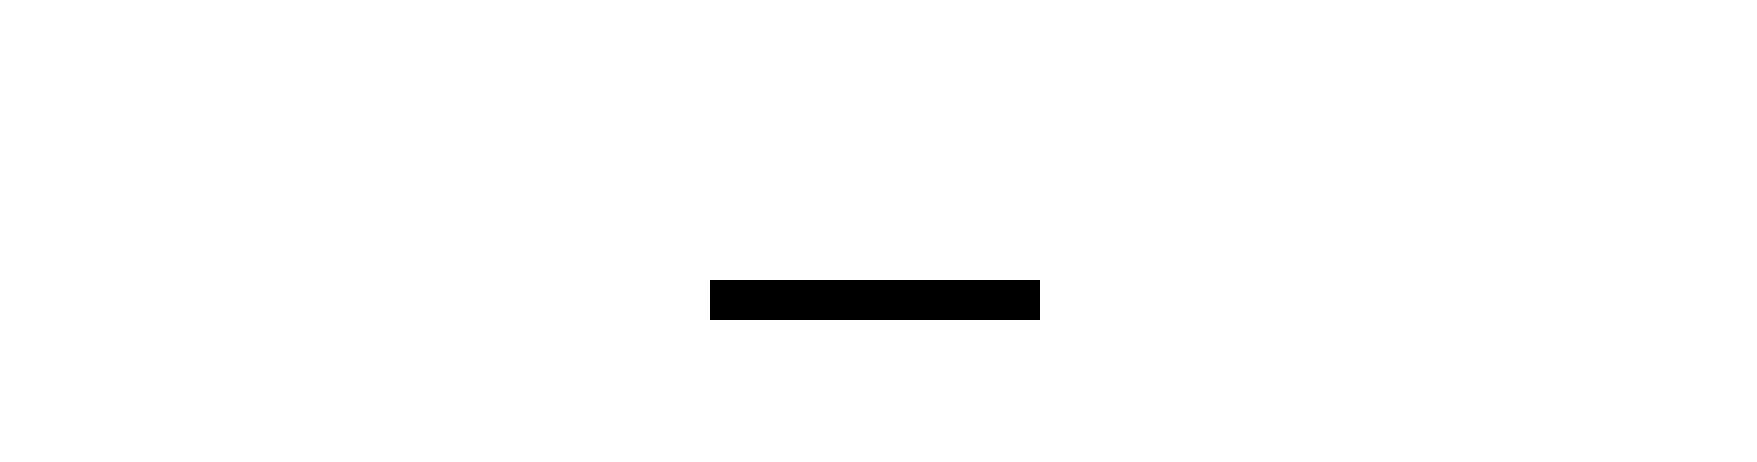 LepageIllus-copie-10